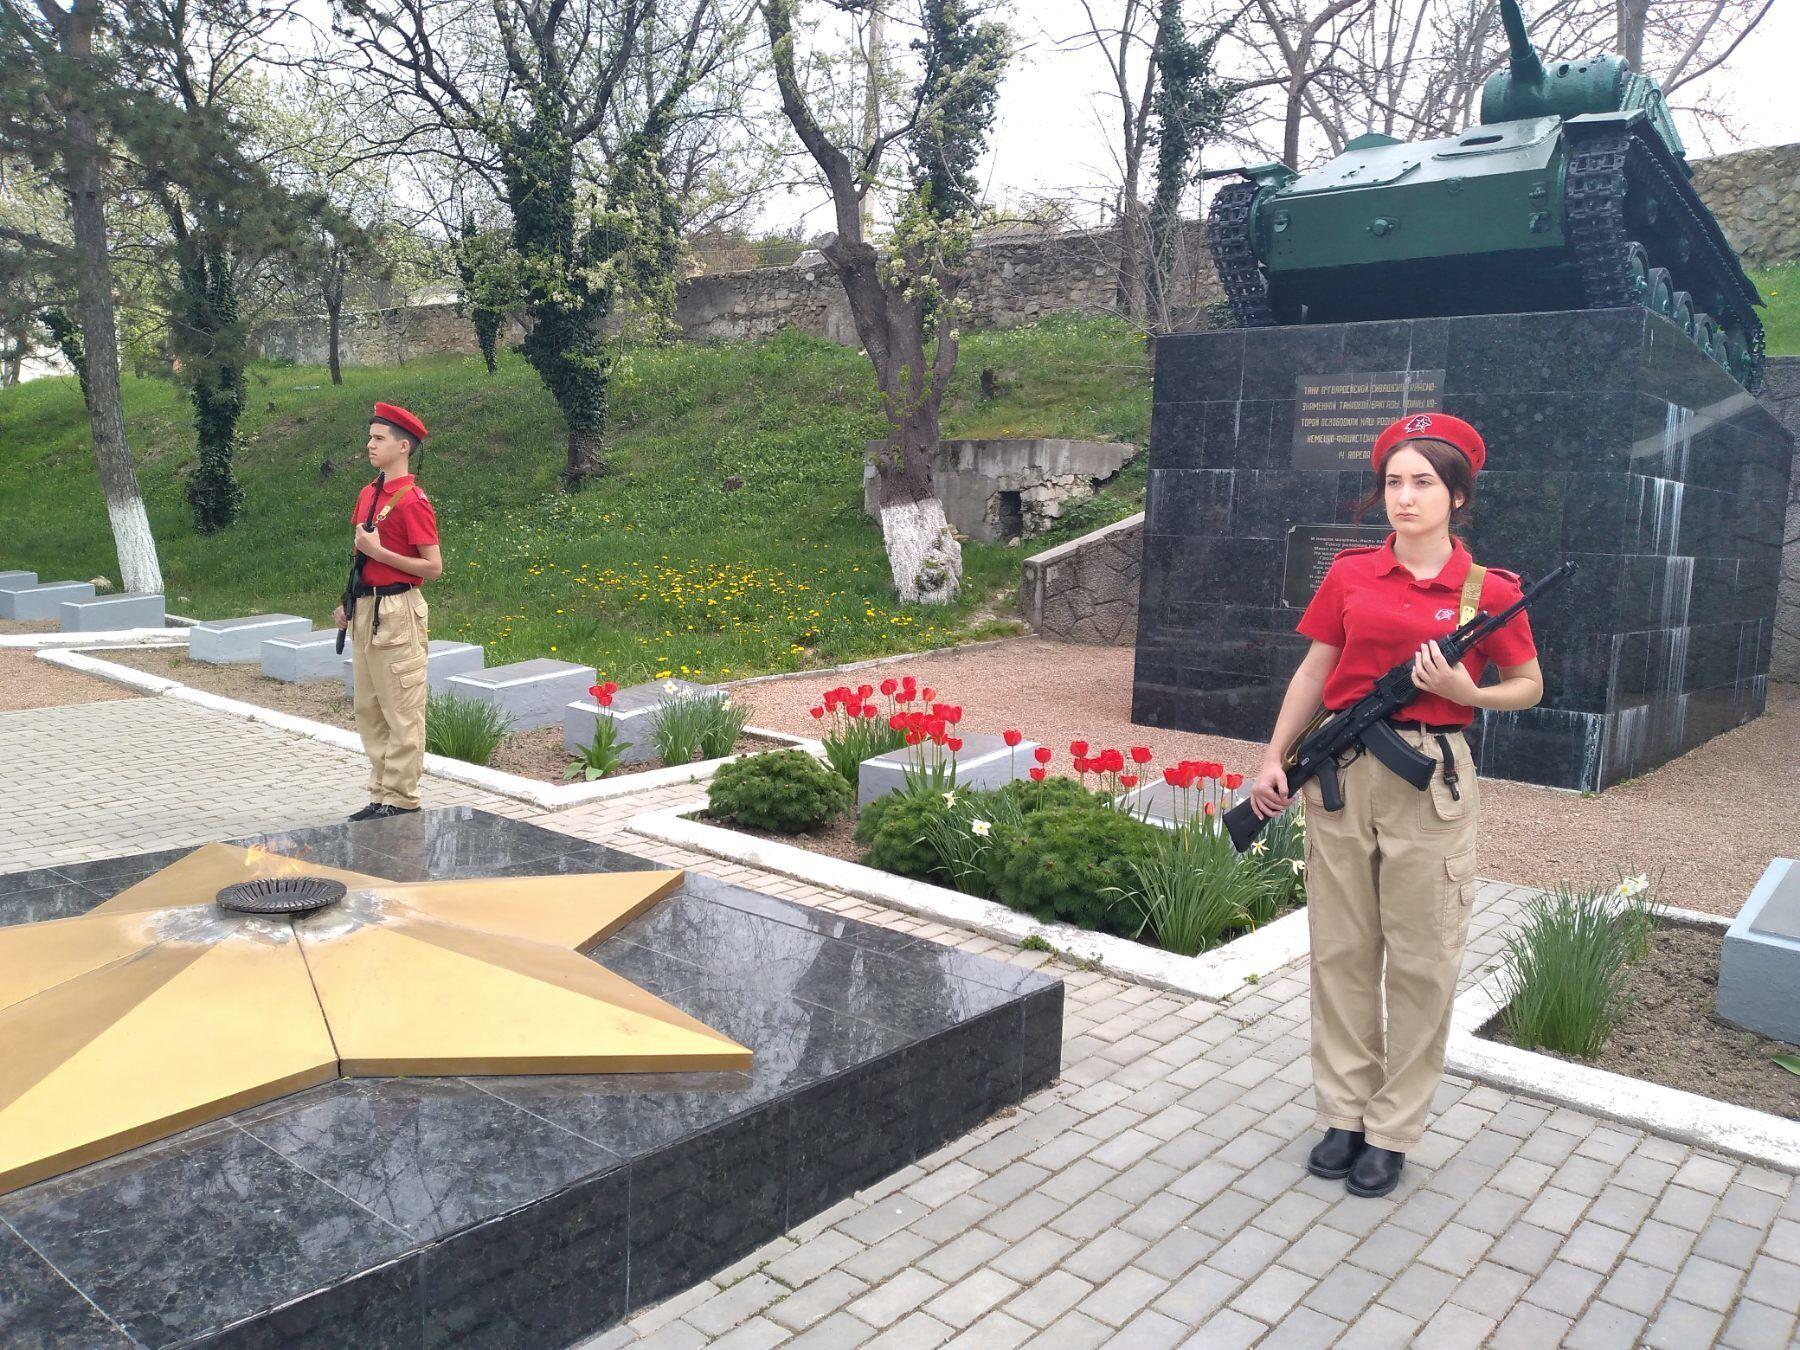 Новини Кримнашу. Вандали-понаїхи звільнили садок від тюльпанів